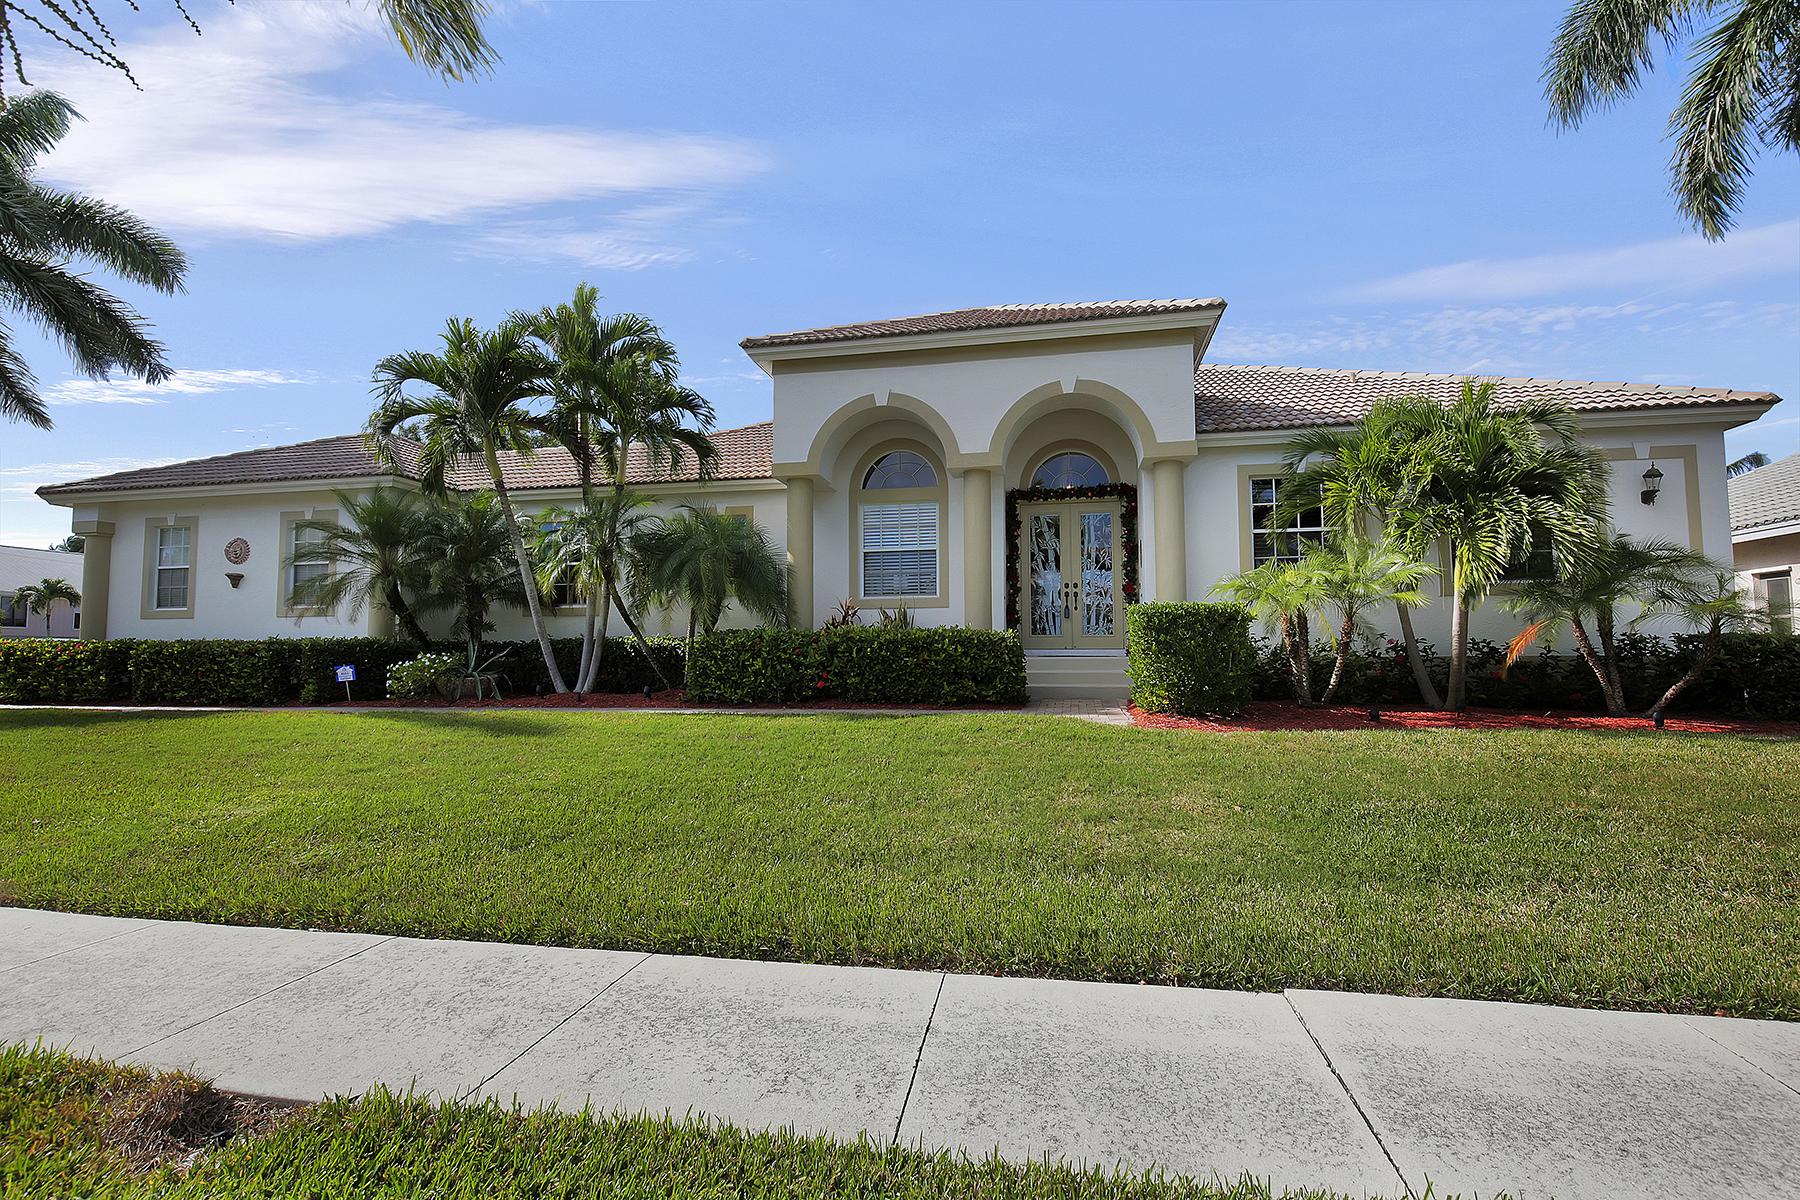 Casa Unifamiliar por un Venta en MARCO ISLAND - WATERFALL COURT 1799 Waterfall Ct Marco Island, Florida 34145 Estados Unidos